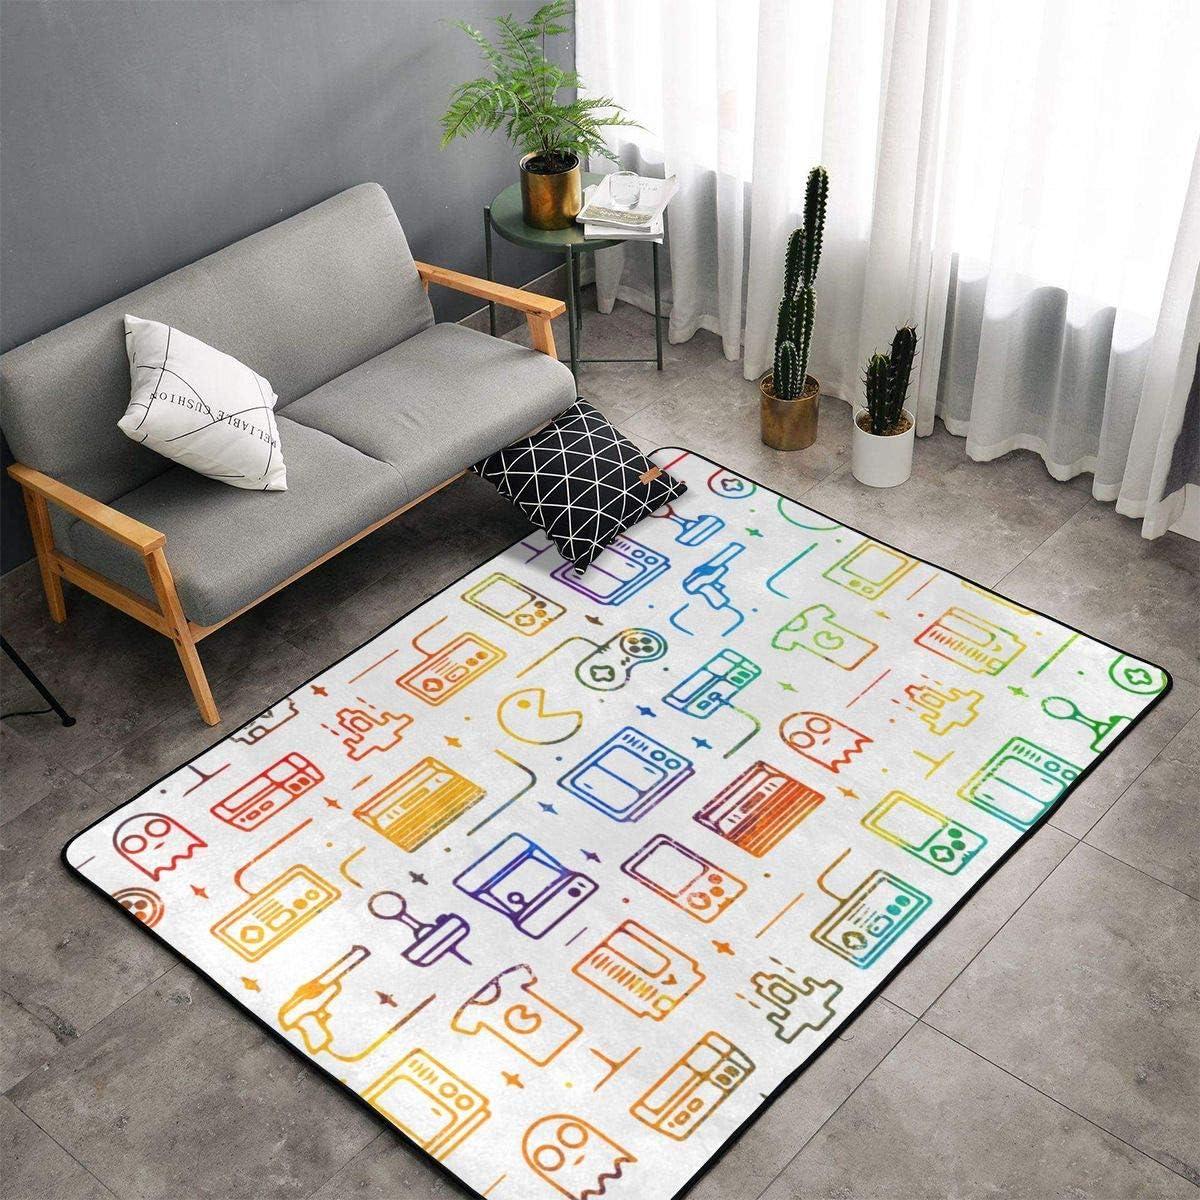 Alfombras de área, alfombra de pie, manta de bebé, para jugar al spa, baño, juego de videojuegos, alfombra de yoga, alfombra de entrada para interiores y exteriores